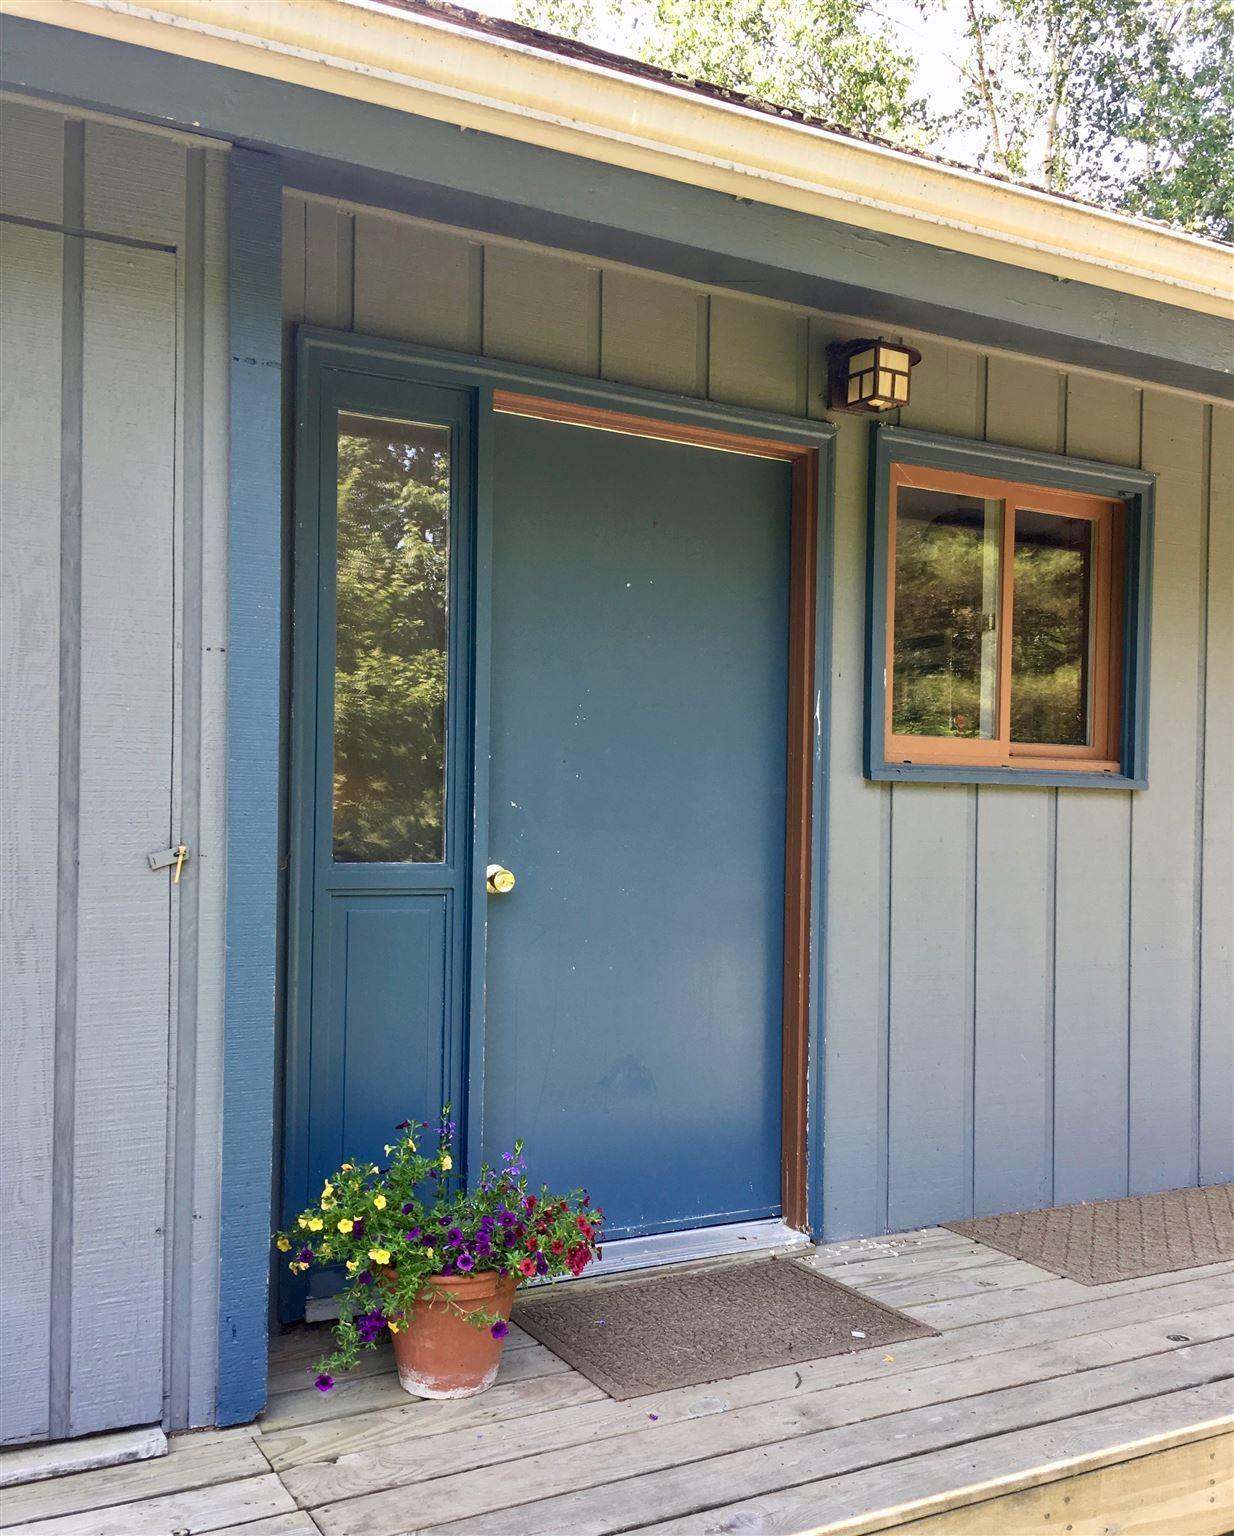 Photo of 8 Gale Meadow Lane, Stowe, VT 05672 (MLS # 4838793)